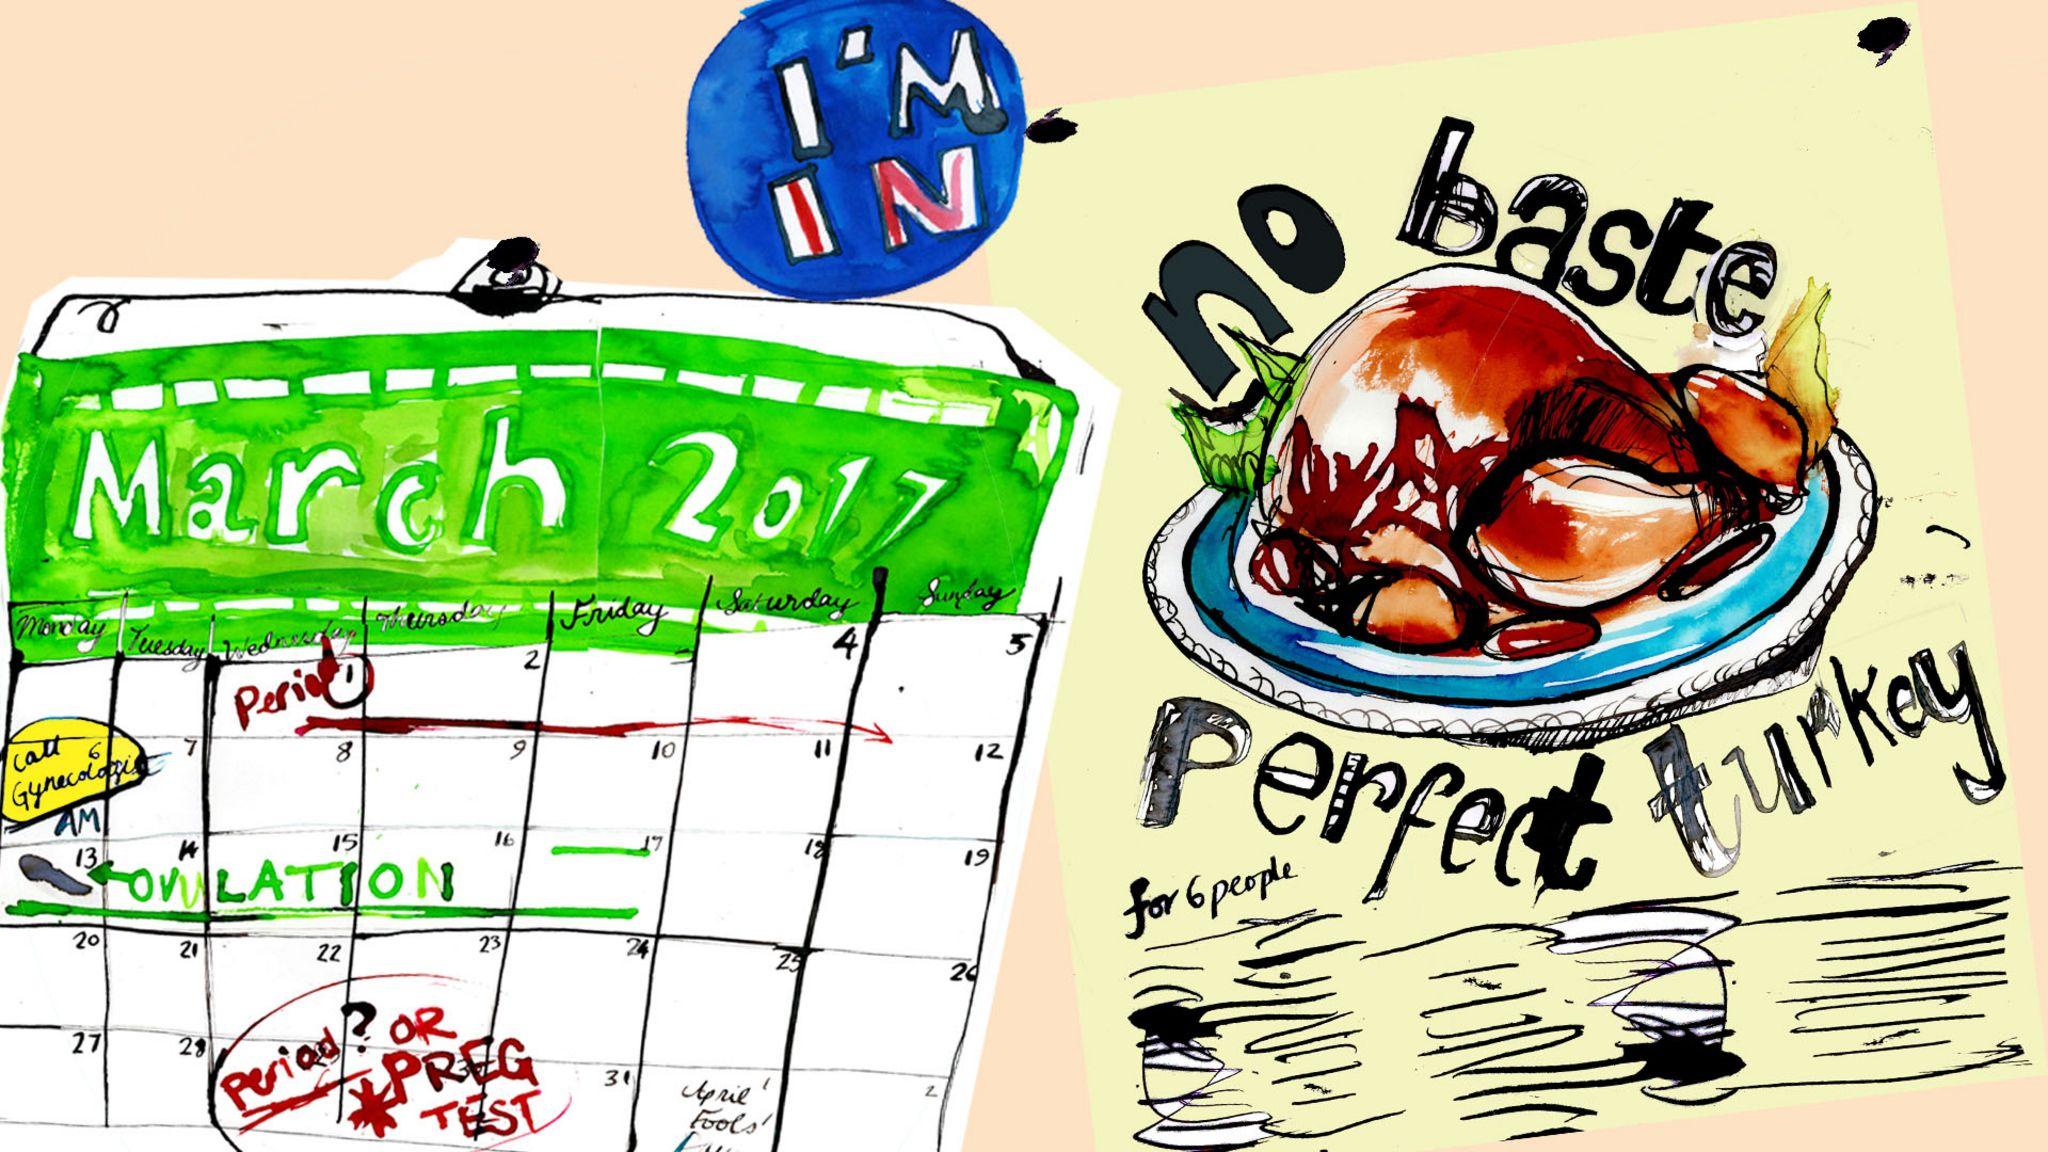 Noticeboard: Ovulation calendar, and no-baste turkey recipe